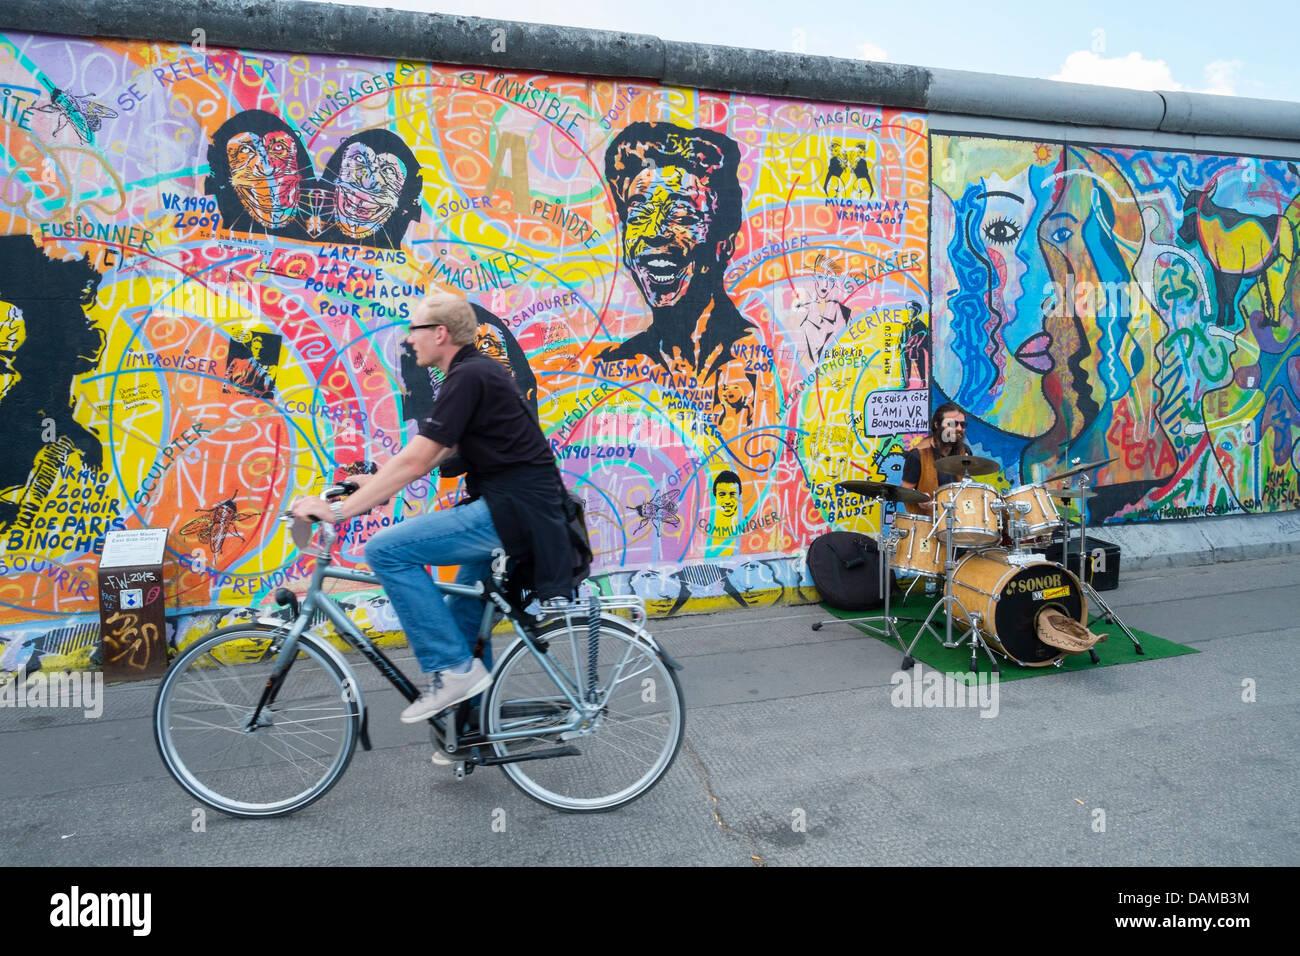 Musiker als Straßenmusikant auf Straße neben der Berliner Mauer an der East Side Gallery in Berlin Deutschland Stockbild